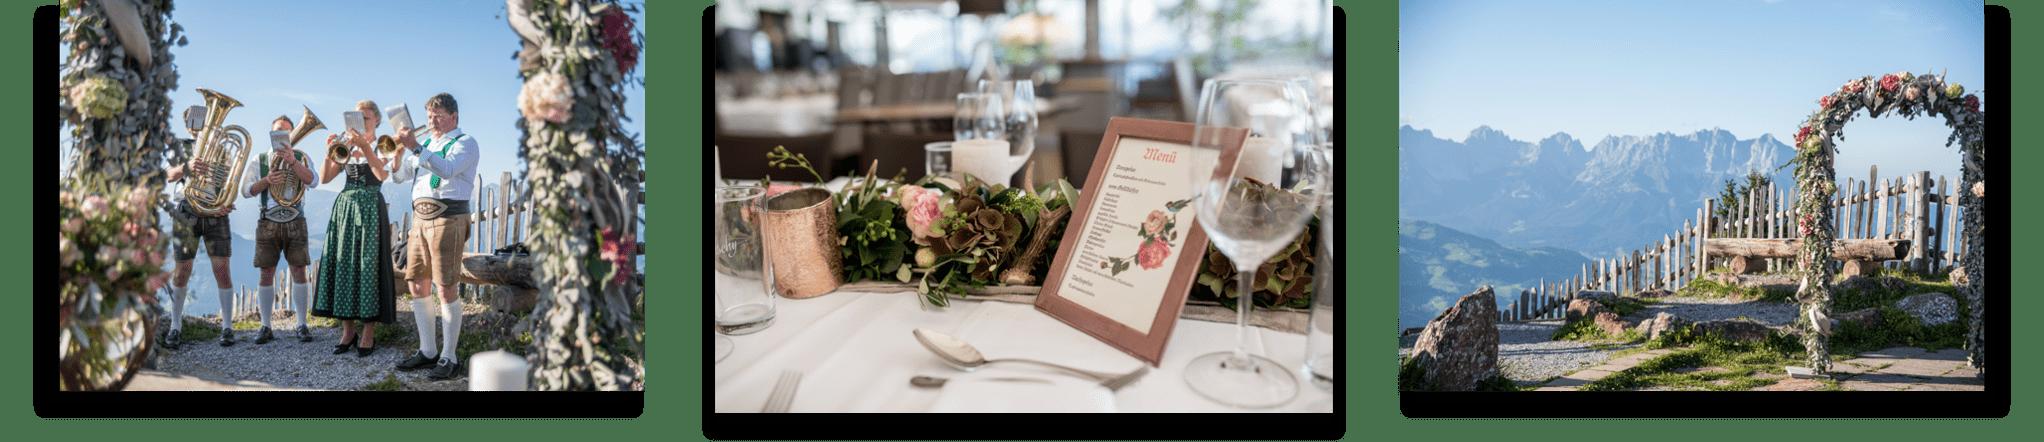 Hochzeiterie Blog Beitrag Heiraten im Dirndl. 1 - Dirndl statt Prinzessinnenkleid